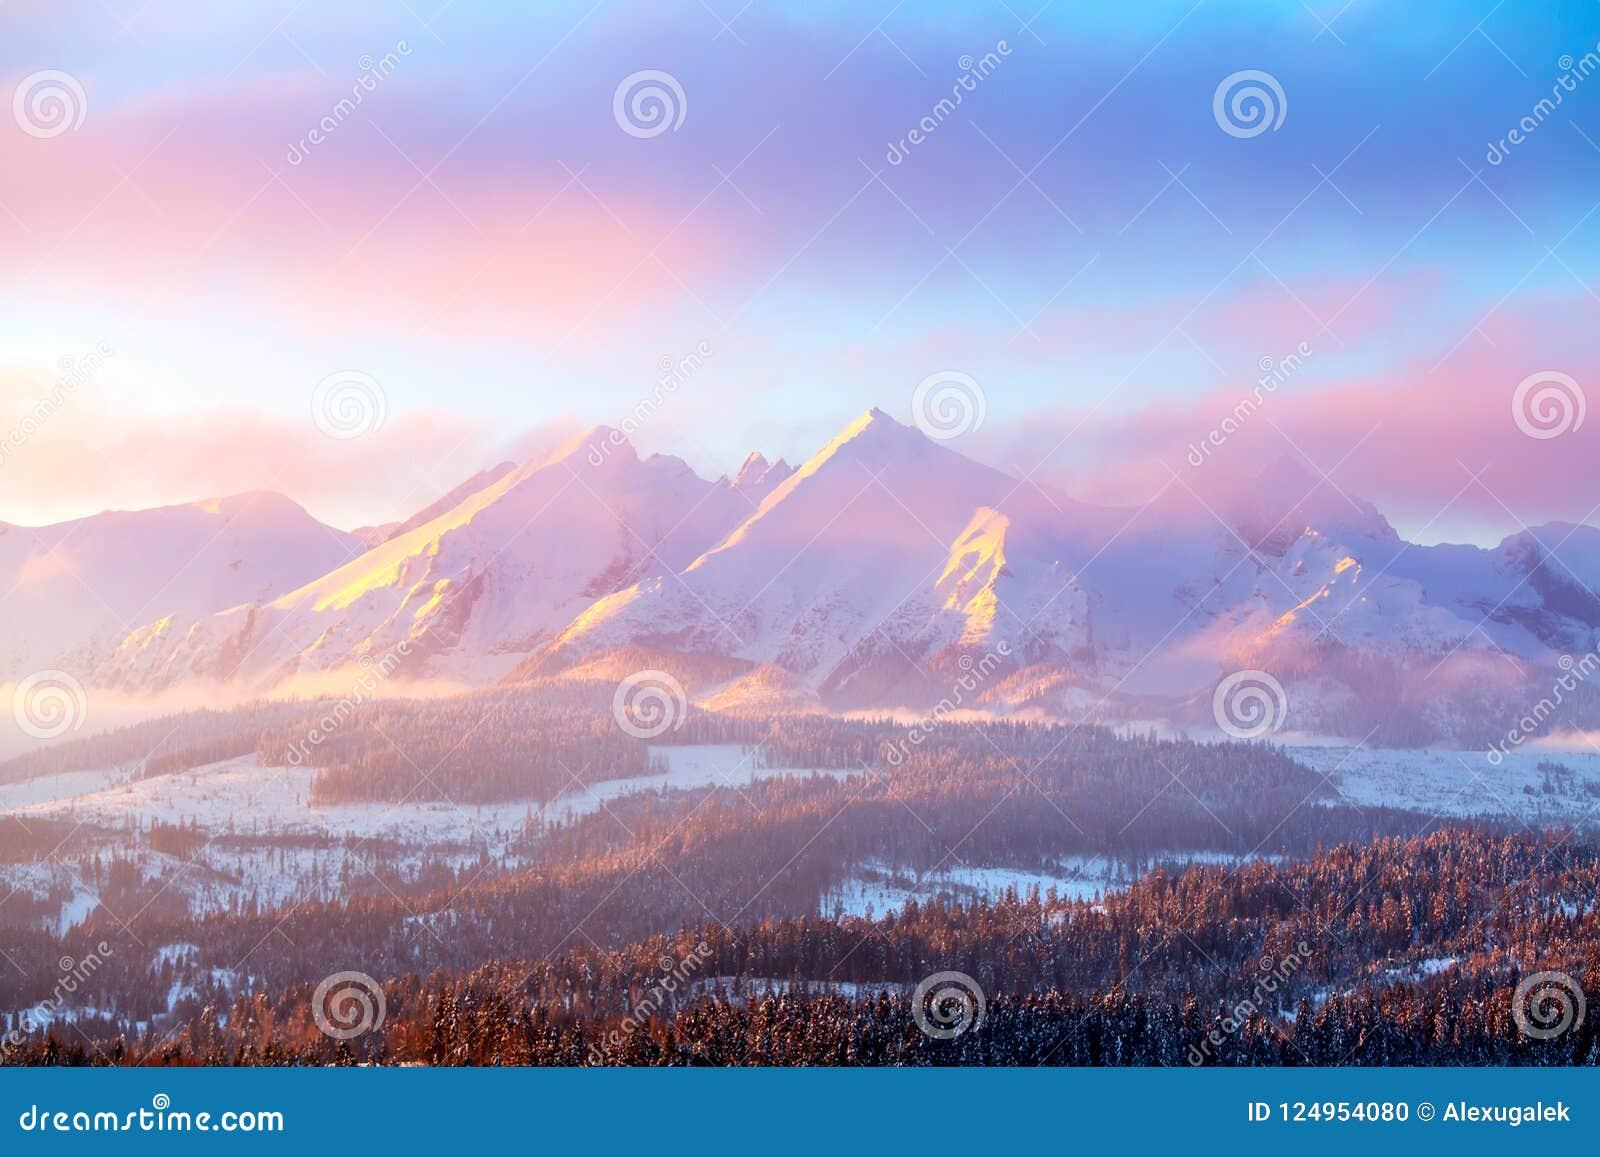 Picturesque winter nature